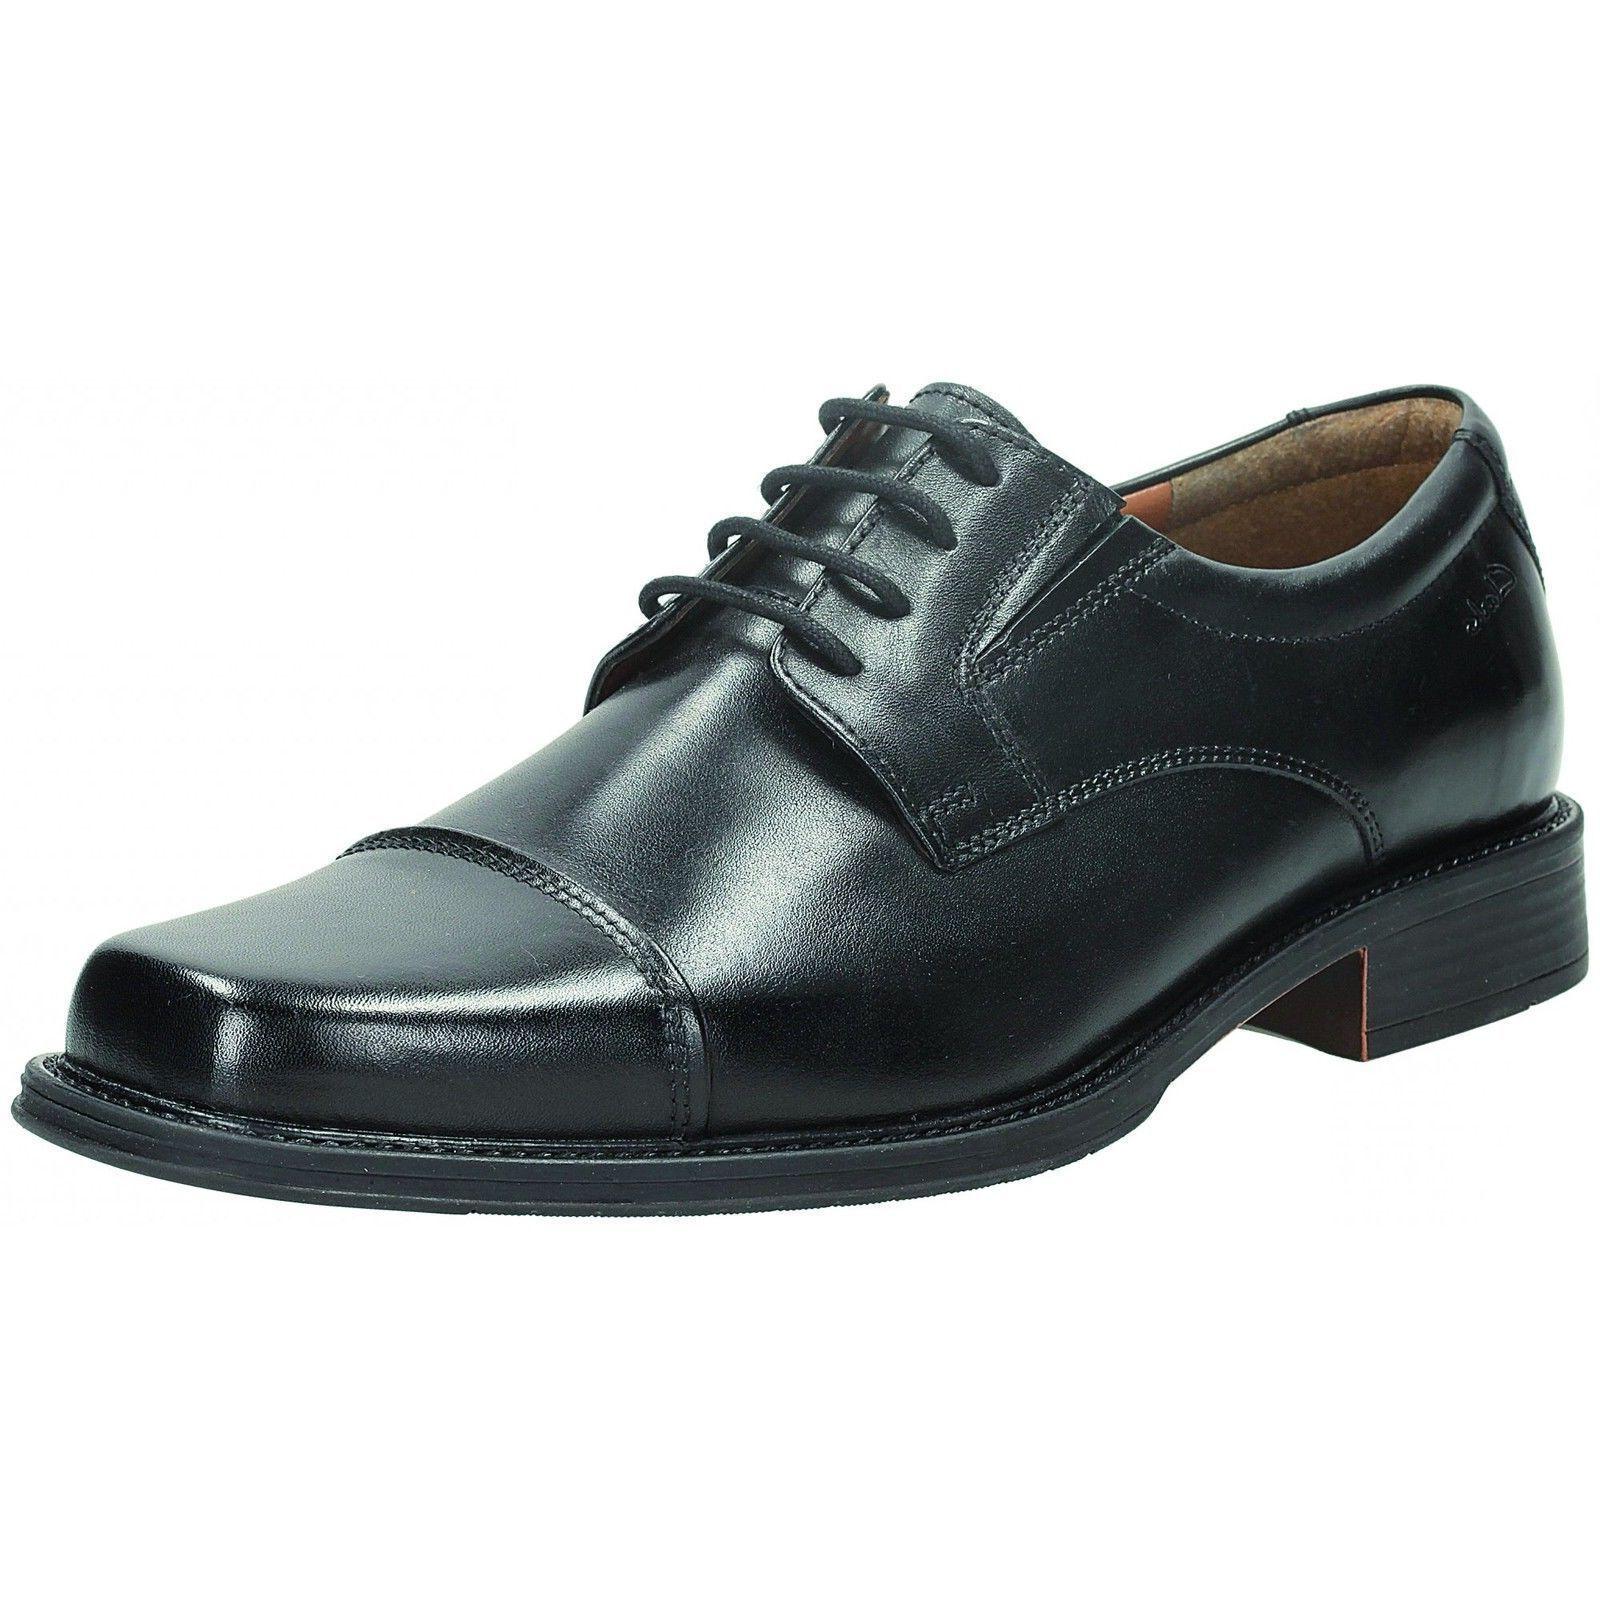 Clarks Driggs Kappe Herren Schwarzes Leder Schuhe